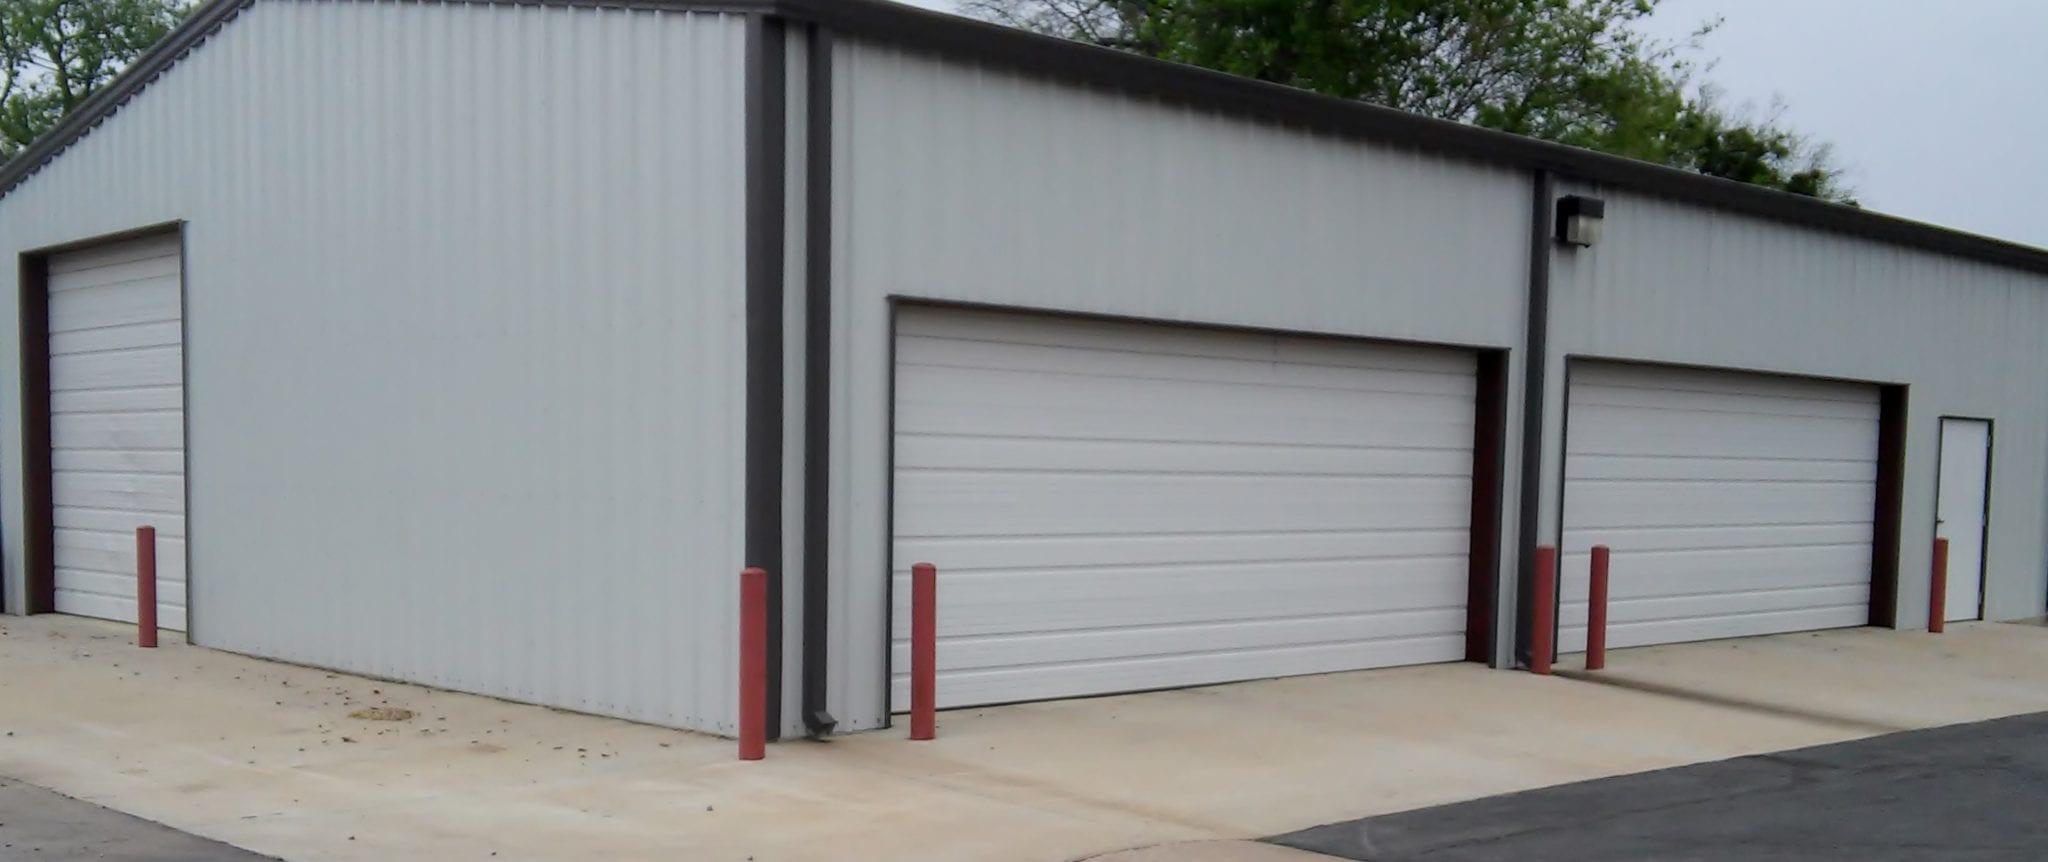 Garage Door Repair San Antonio | Helotes Overhead Garage Doors